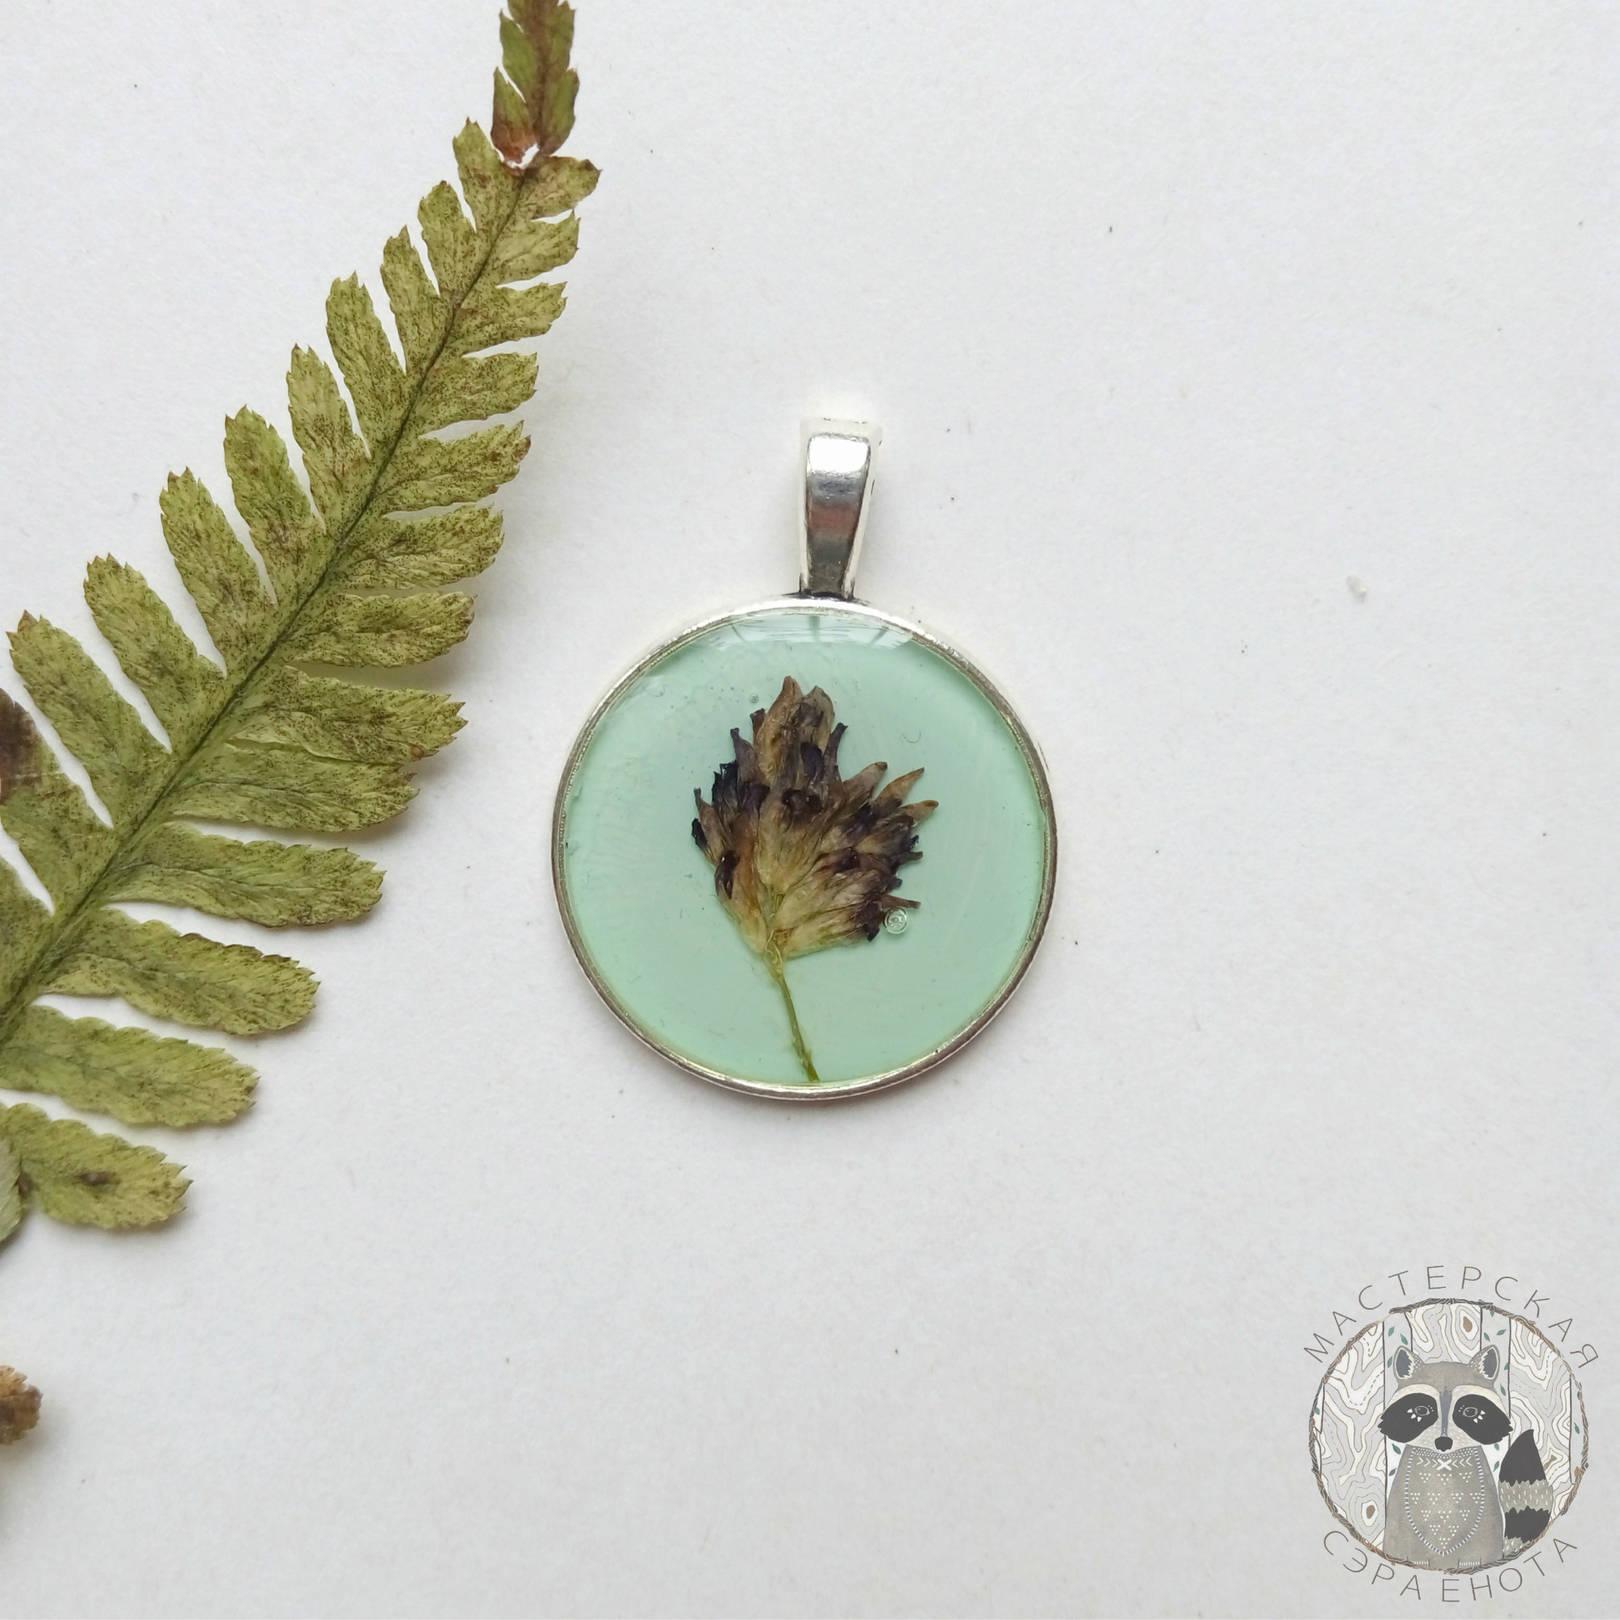 Кулон с полевым цветком - люцерной Материалы: эпоксидная смола, сухоцветы, фурнитура цвета серебра. Размер 25 мм